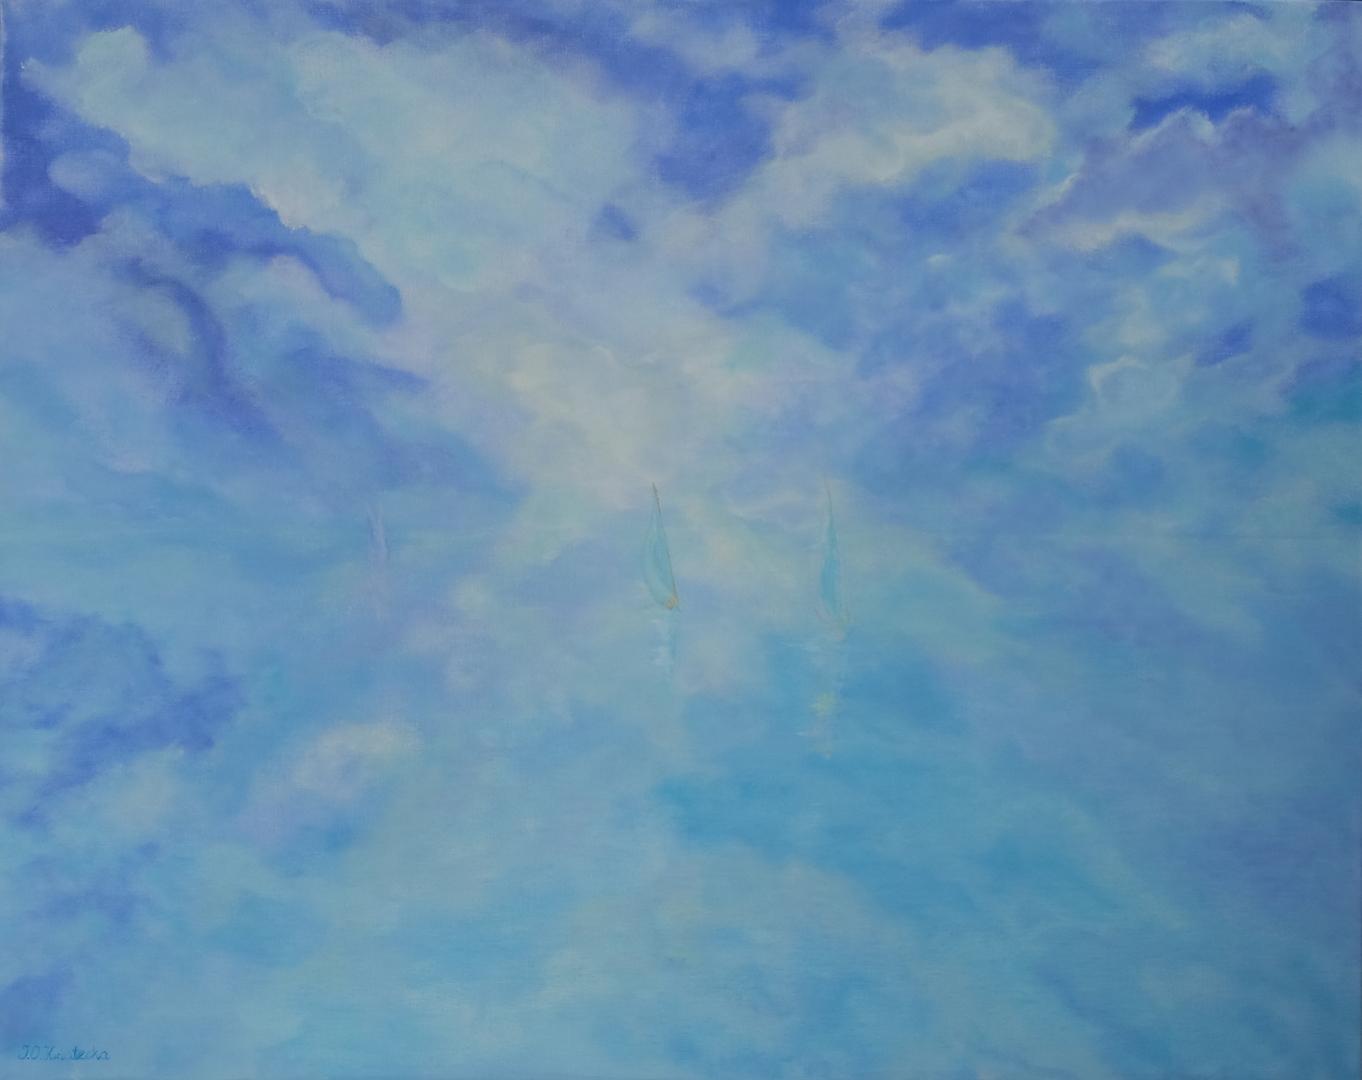 Obraz Blue Sky, obraz akrylowy na płótnie lnianym, malarstwo nowoczesne